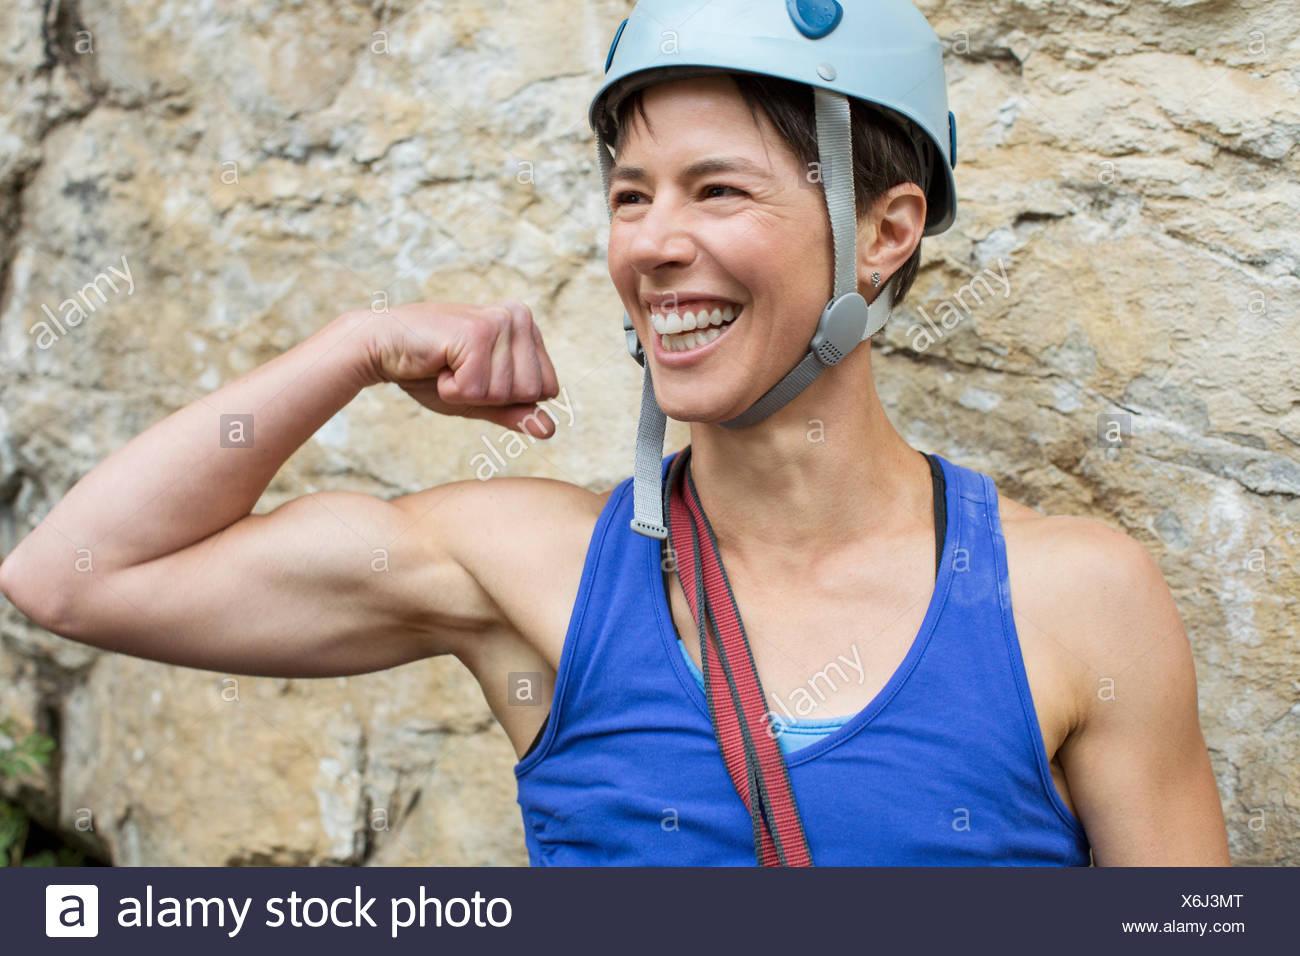 Escalador femenino mostrando los músculos Imagen De Stock